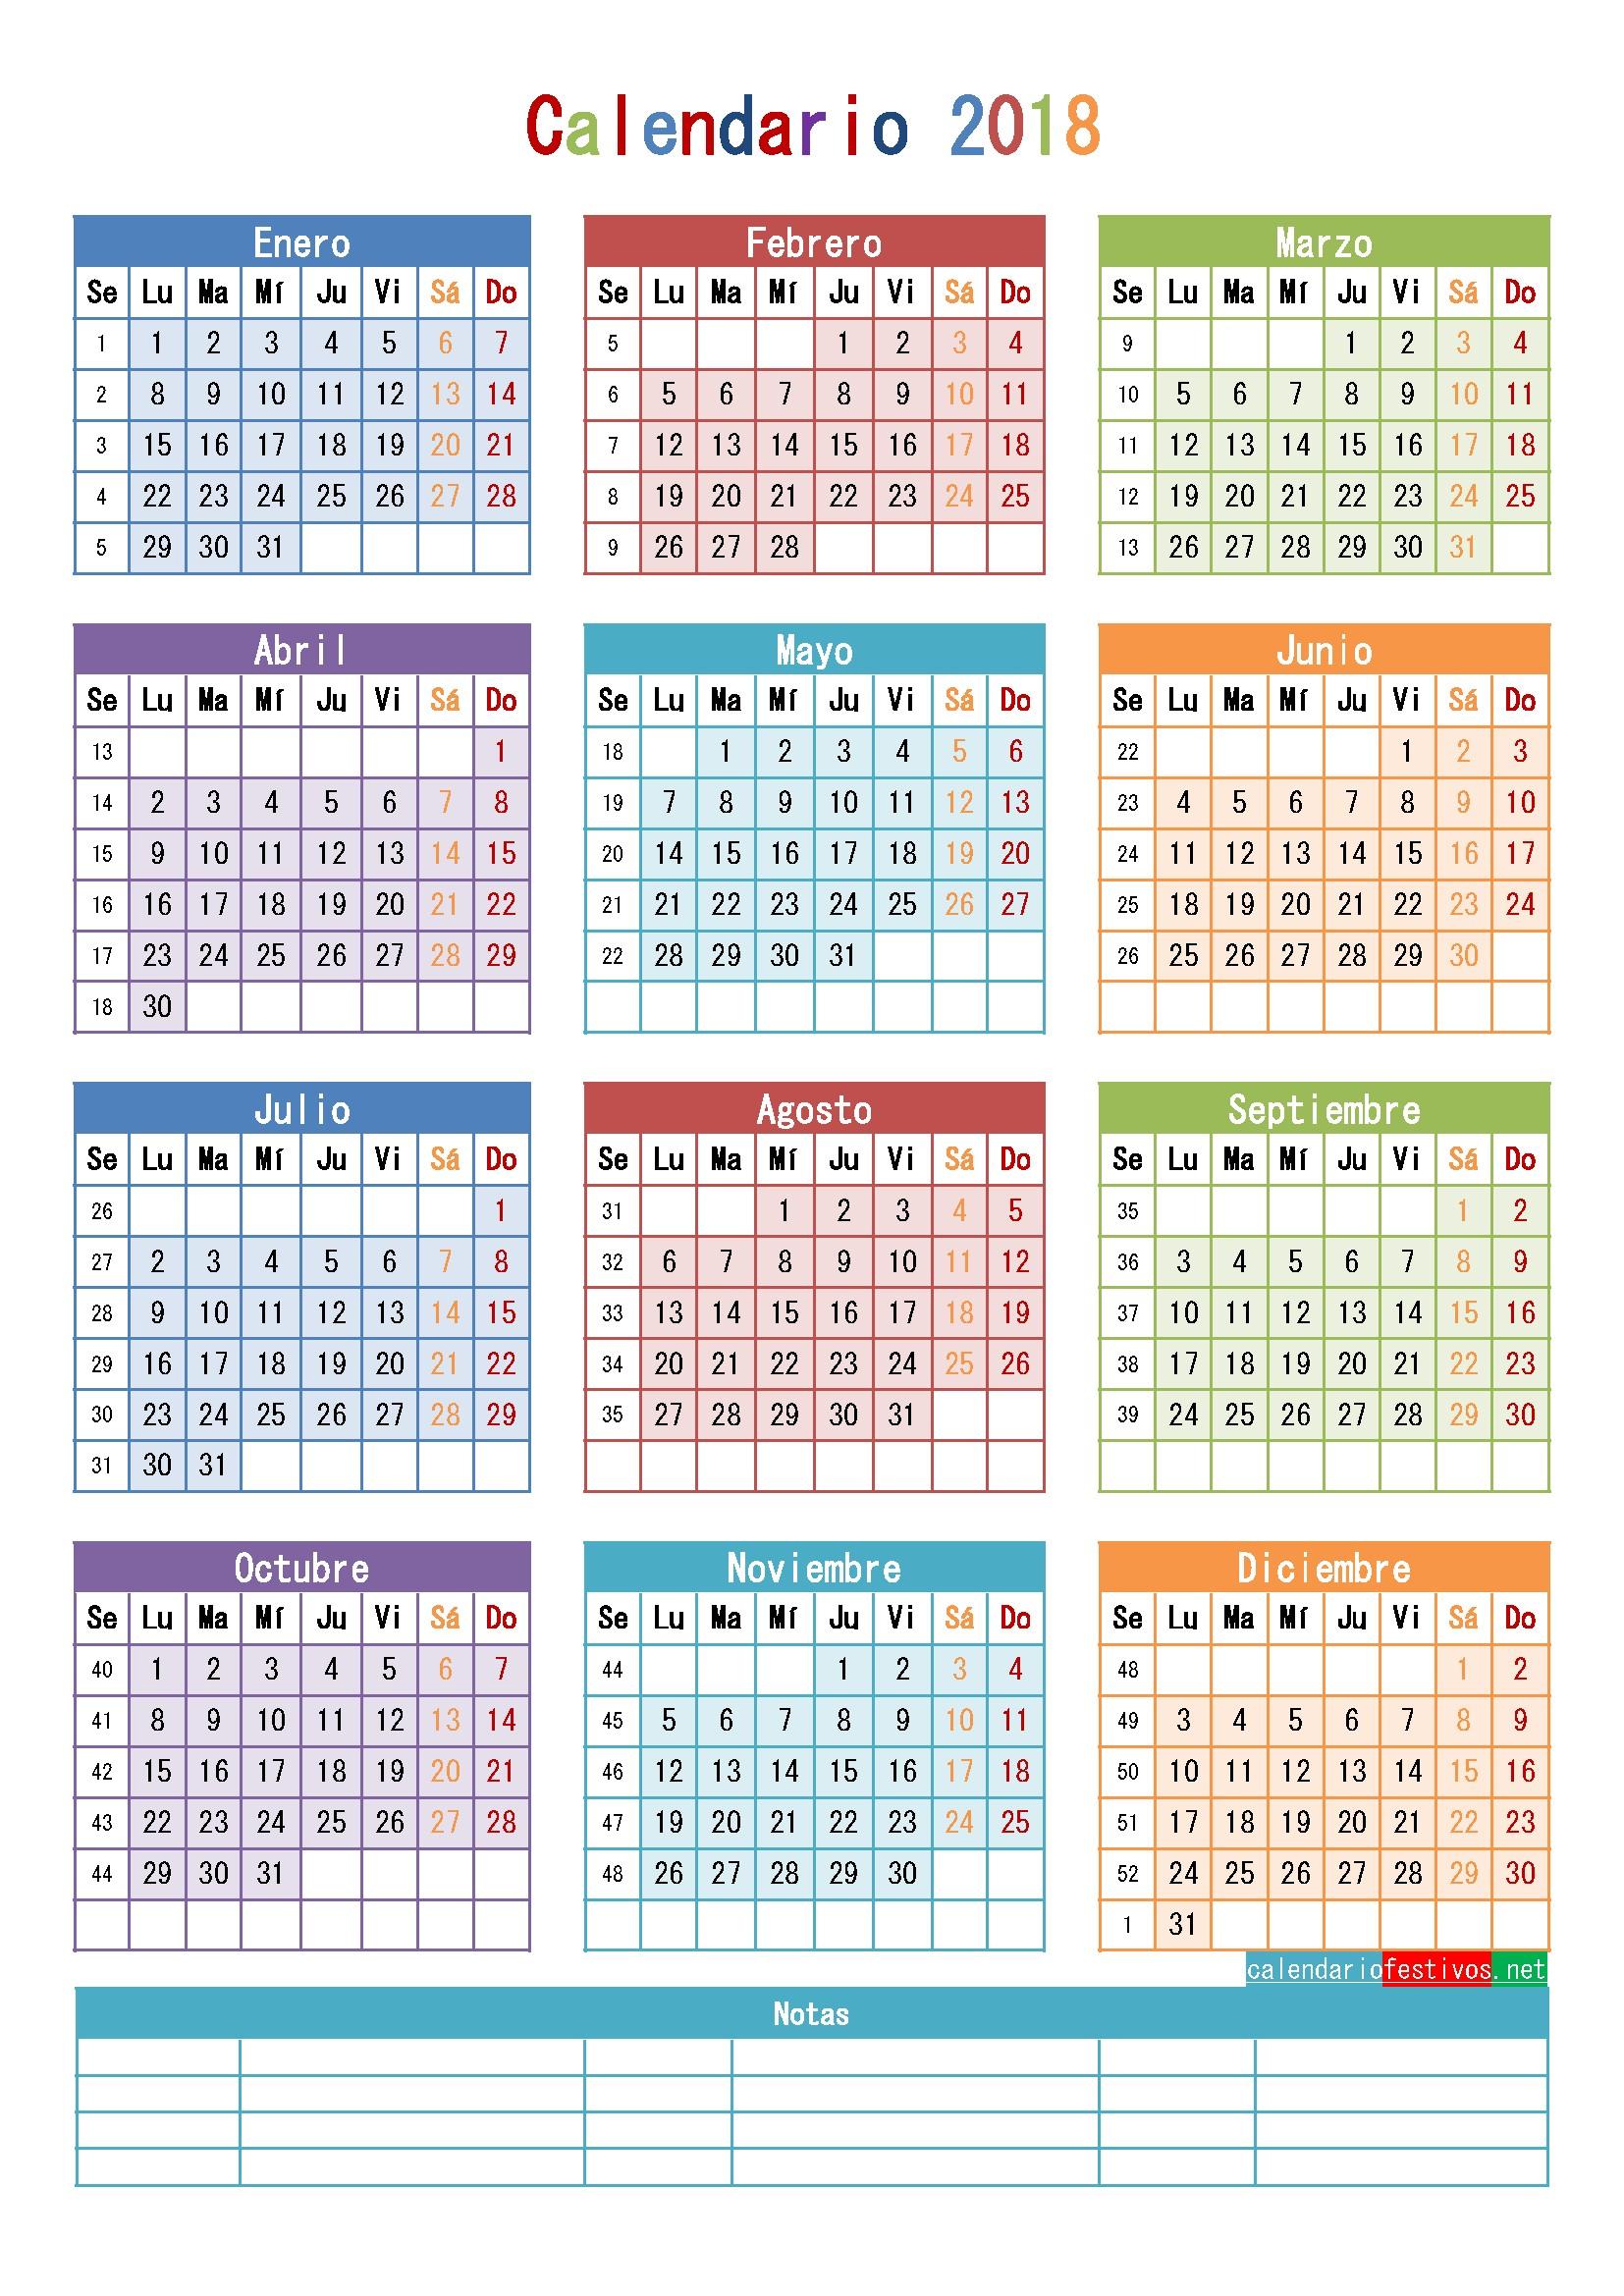 Calendario Para Imprimir Word 2019 Mejores Y Más Novedosos Calendario 2018 Para Imprimir Anual Mensual Escolar Infantil Y Of Calendario Para Imprimir Word 2019 Más Populares Image Result for Free Printable 2018 2019 Calendar